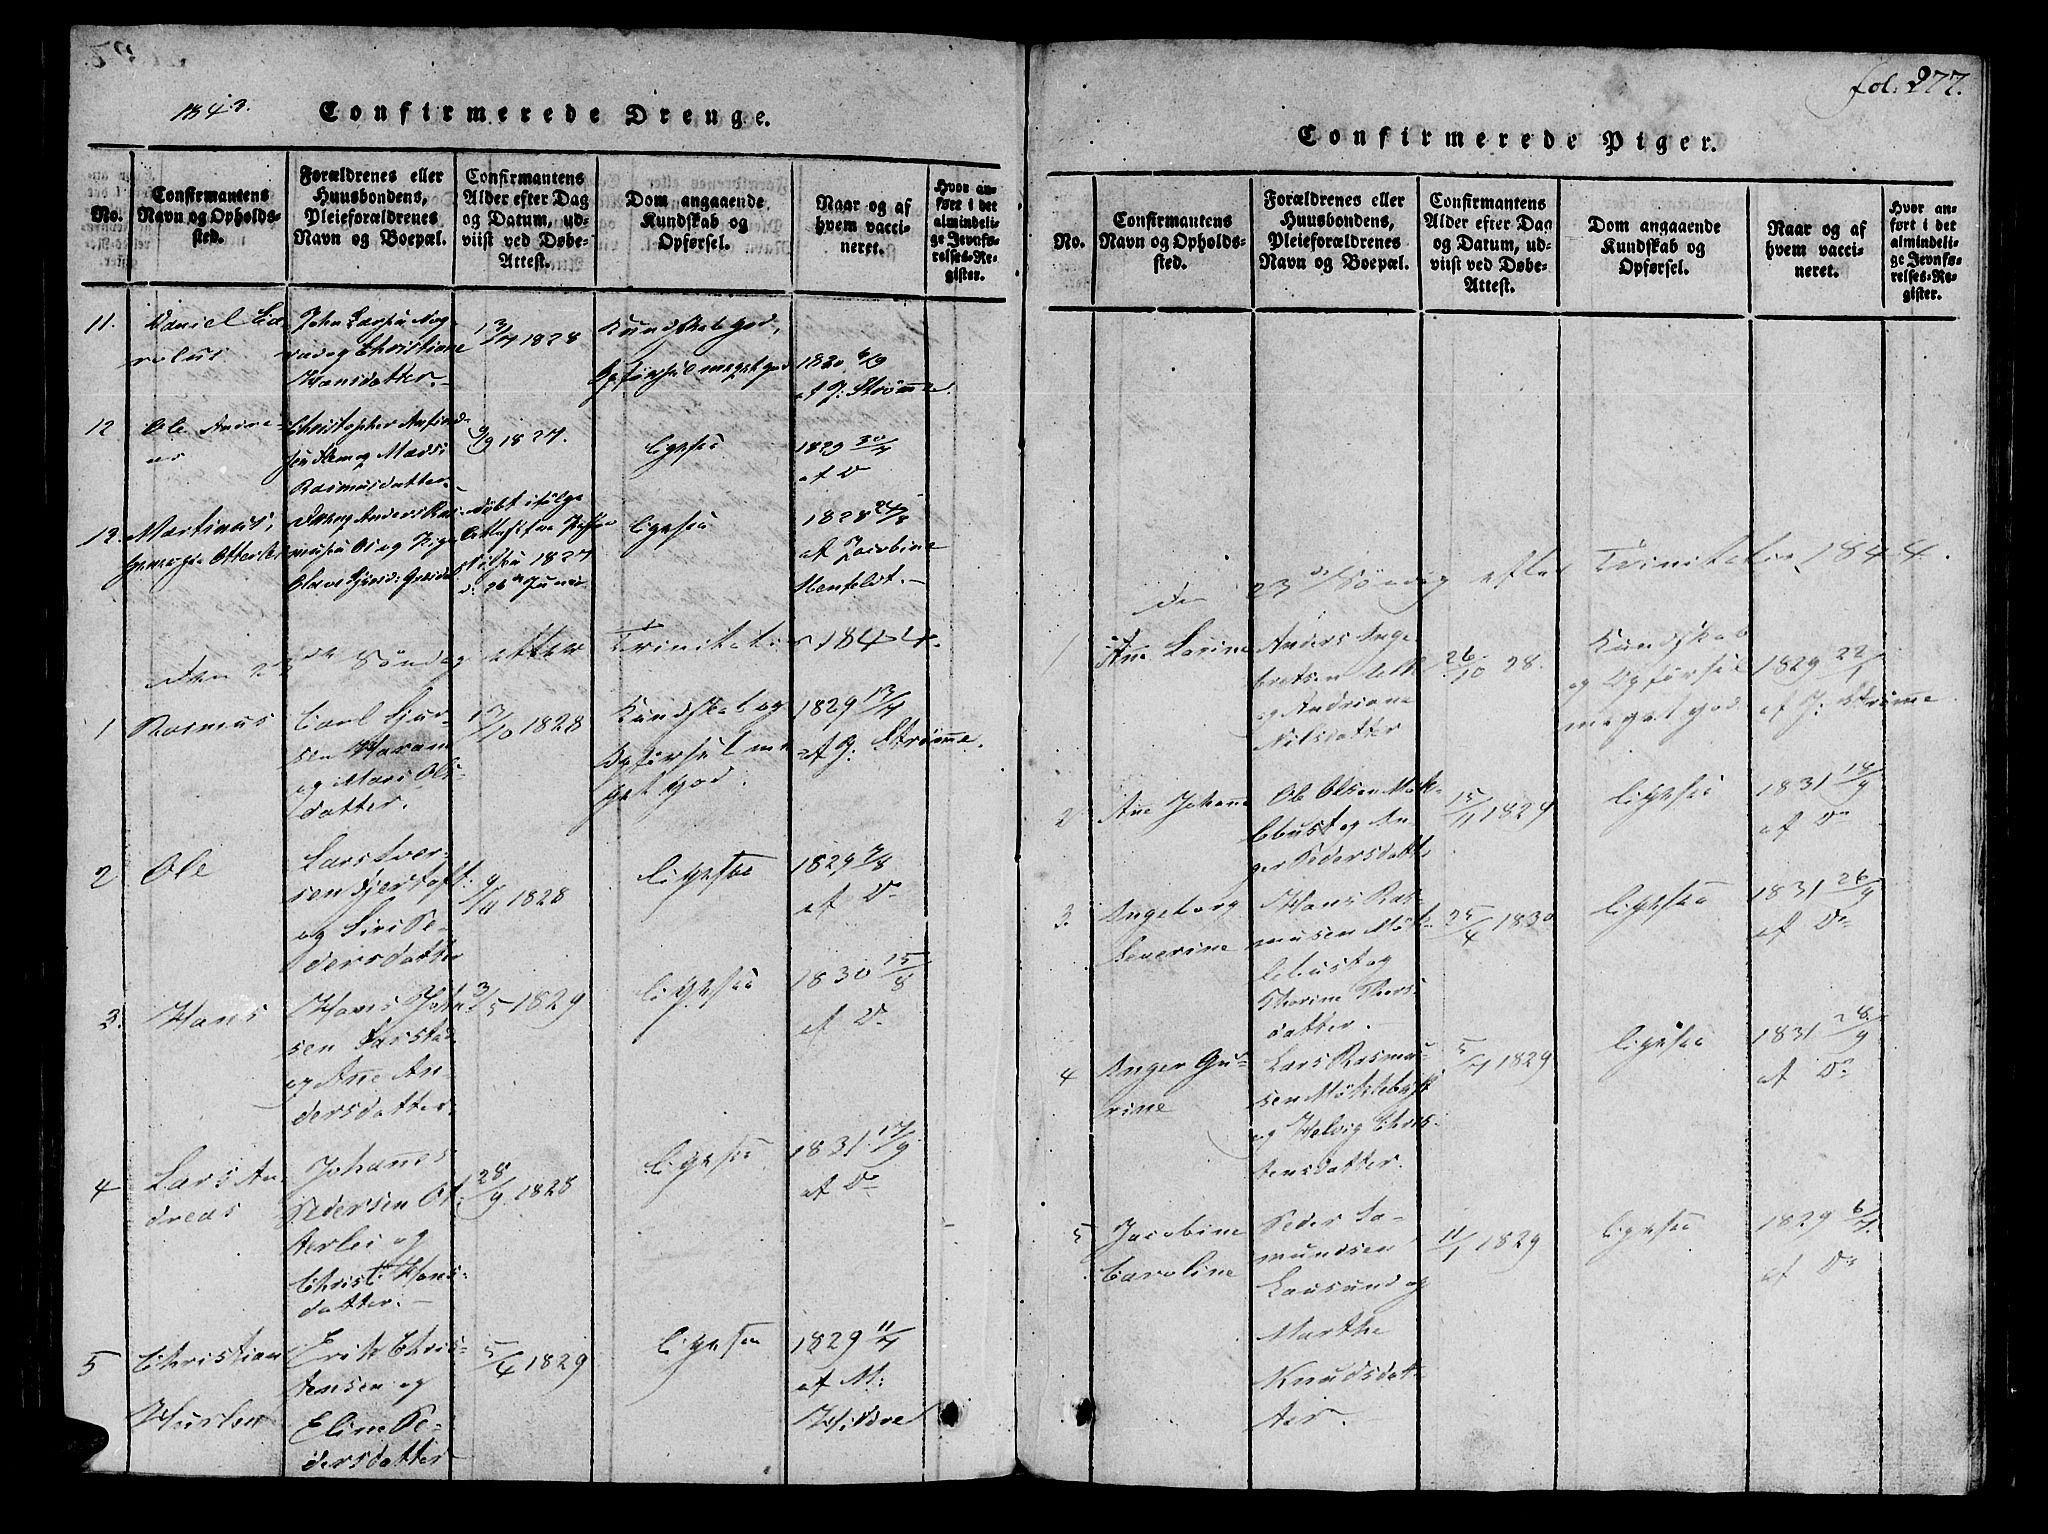 SAT, Ministerialprotokoller, klokkerbøker og fødselsregistre - Møre og Romsdal, 536/L0495: Ministerialbok nr. 536A04, 1818-1847, s. 277